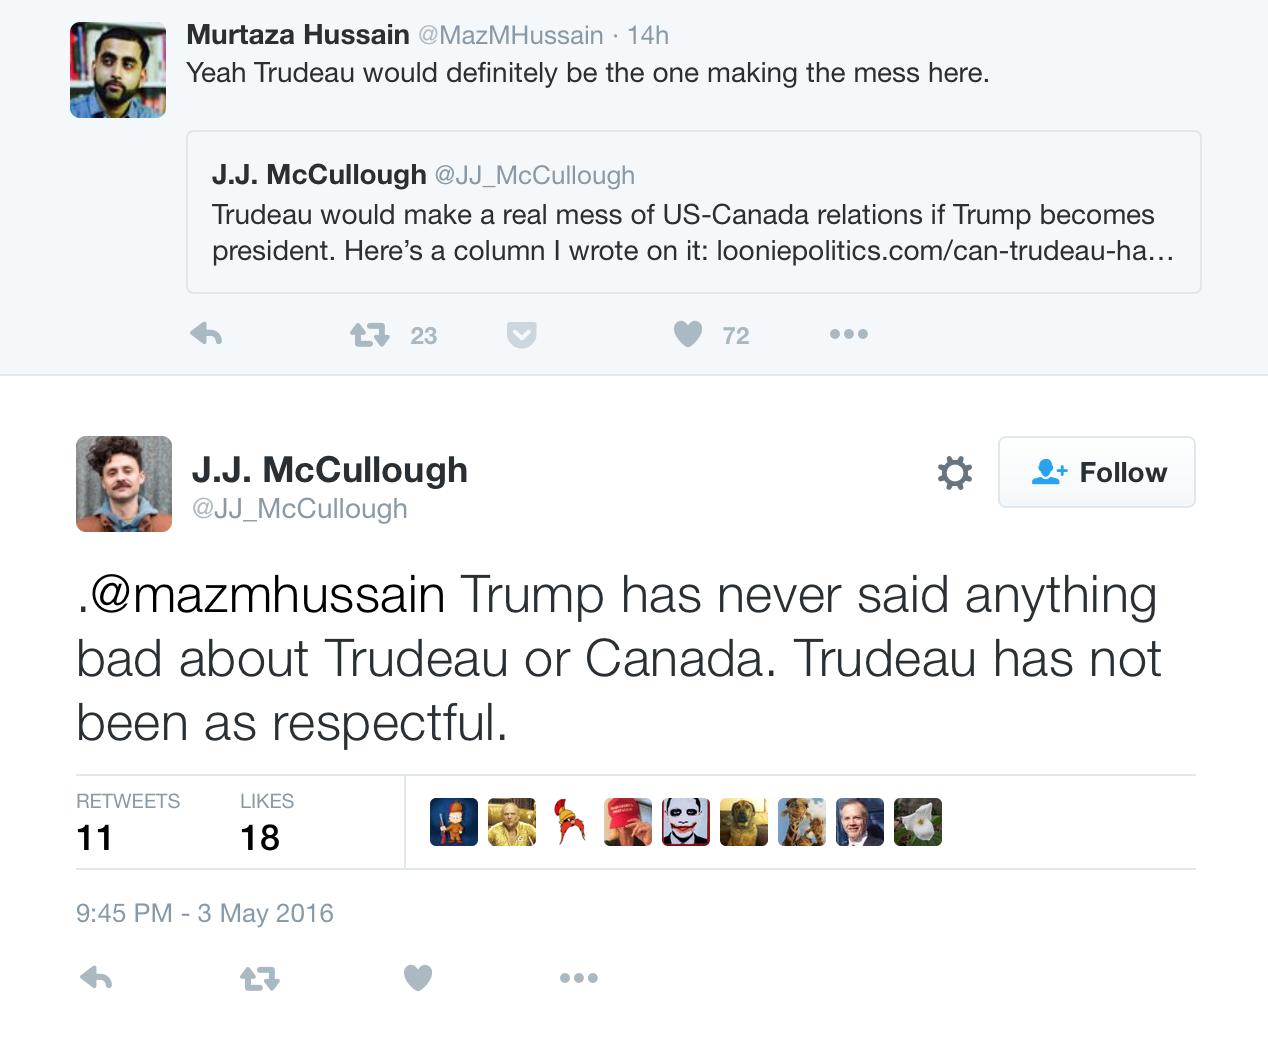 @JJ_McCullough/Twitter